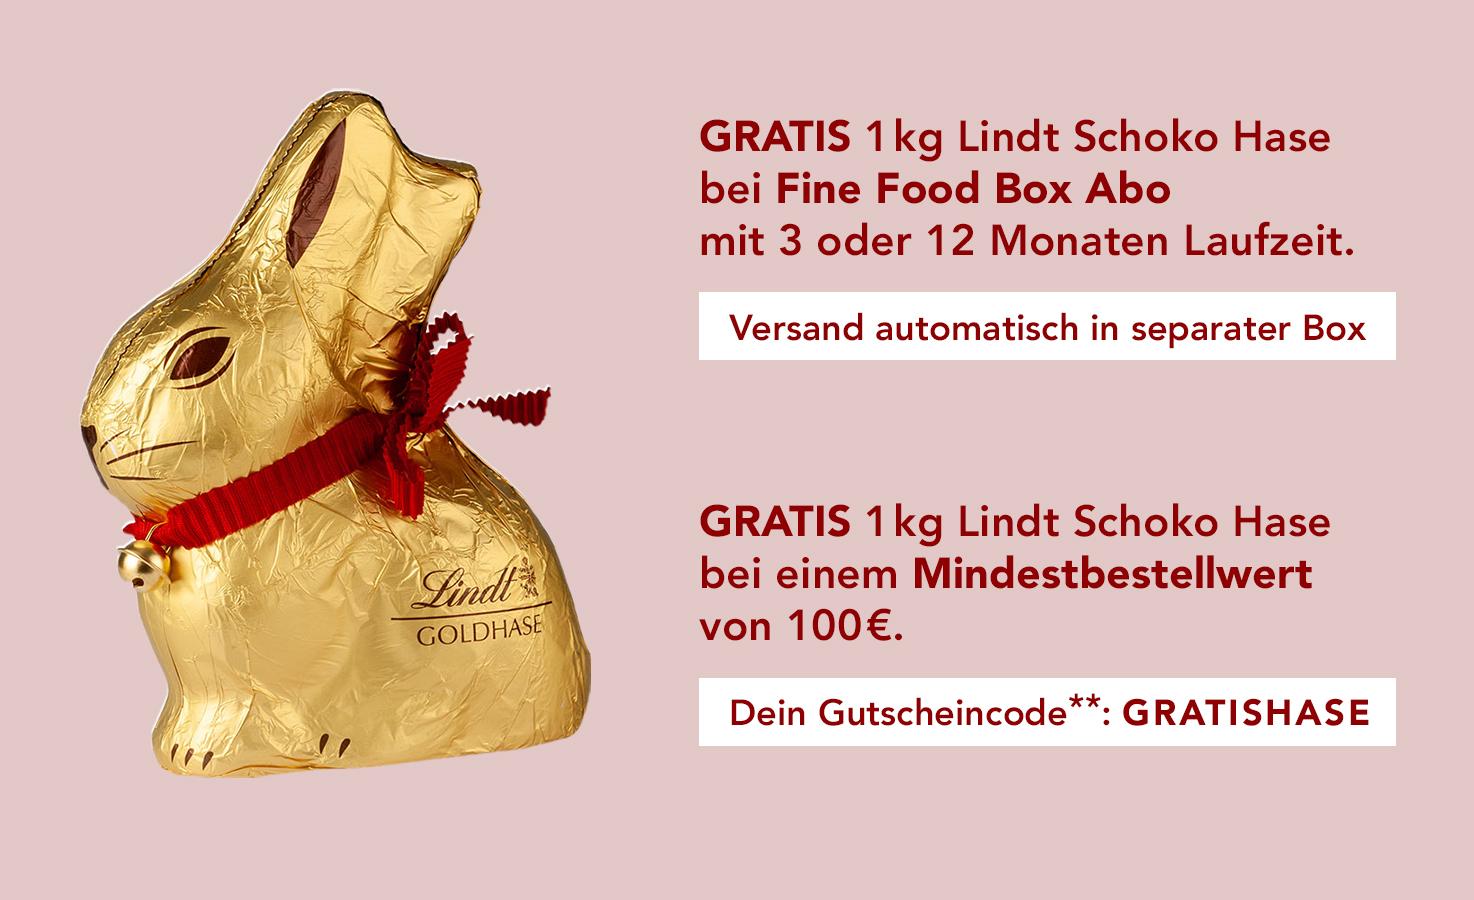 Foodist - 1 kg Lindt Goldhase kostenlos erhalten: 3 Monate die Fine Food Box für 74,70 € abonnieren oder für 100,00 € aus dem Shop bestellen